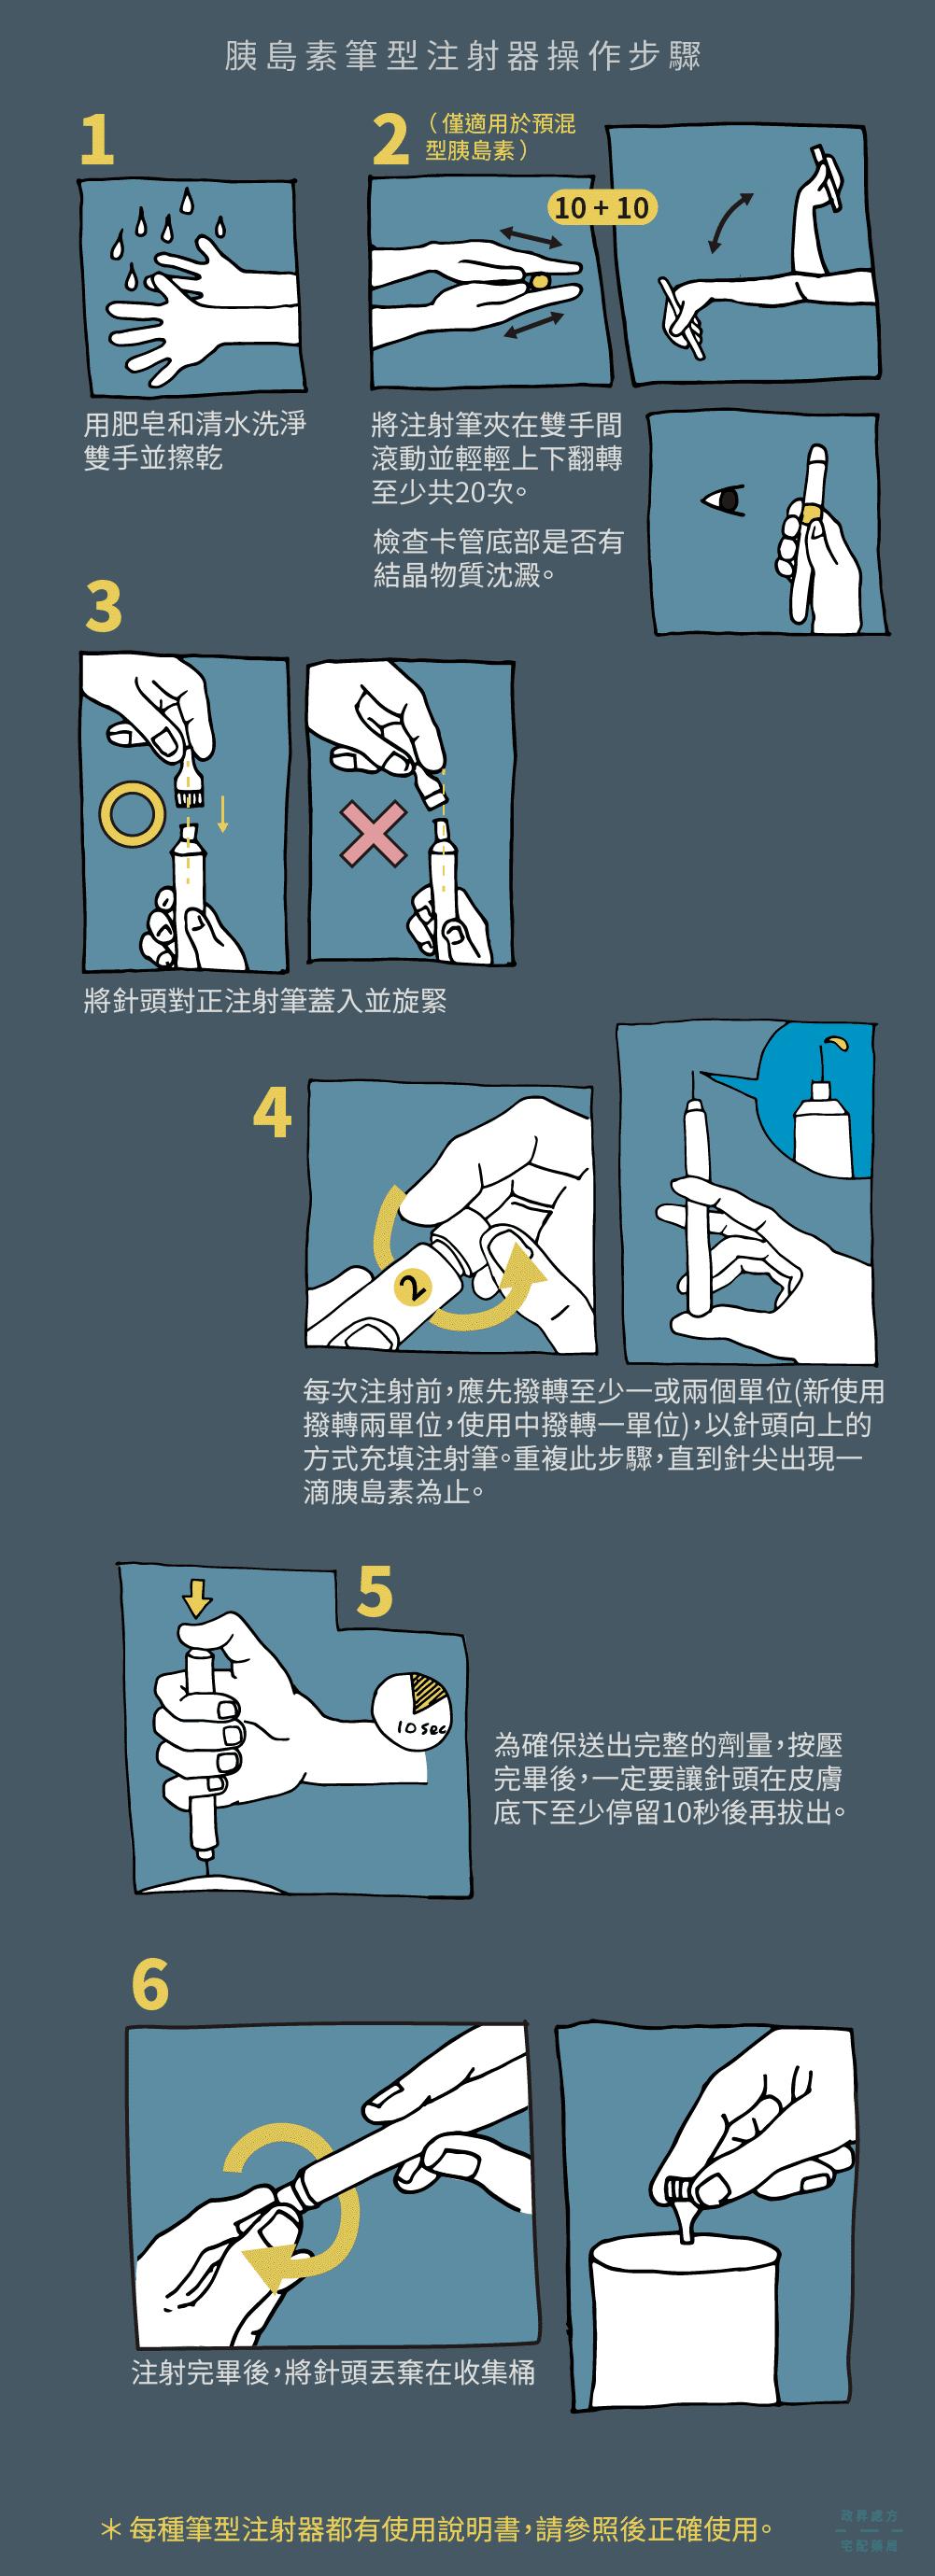 胰島素注射六步驟圖示